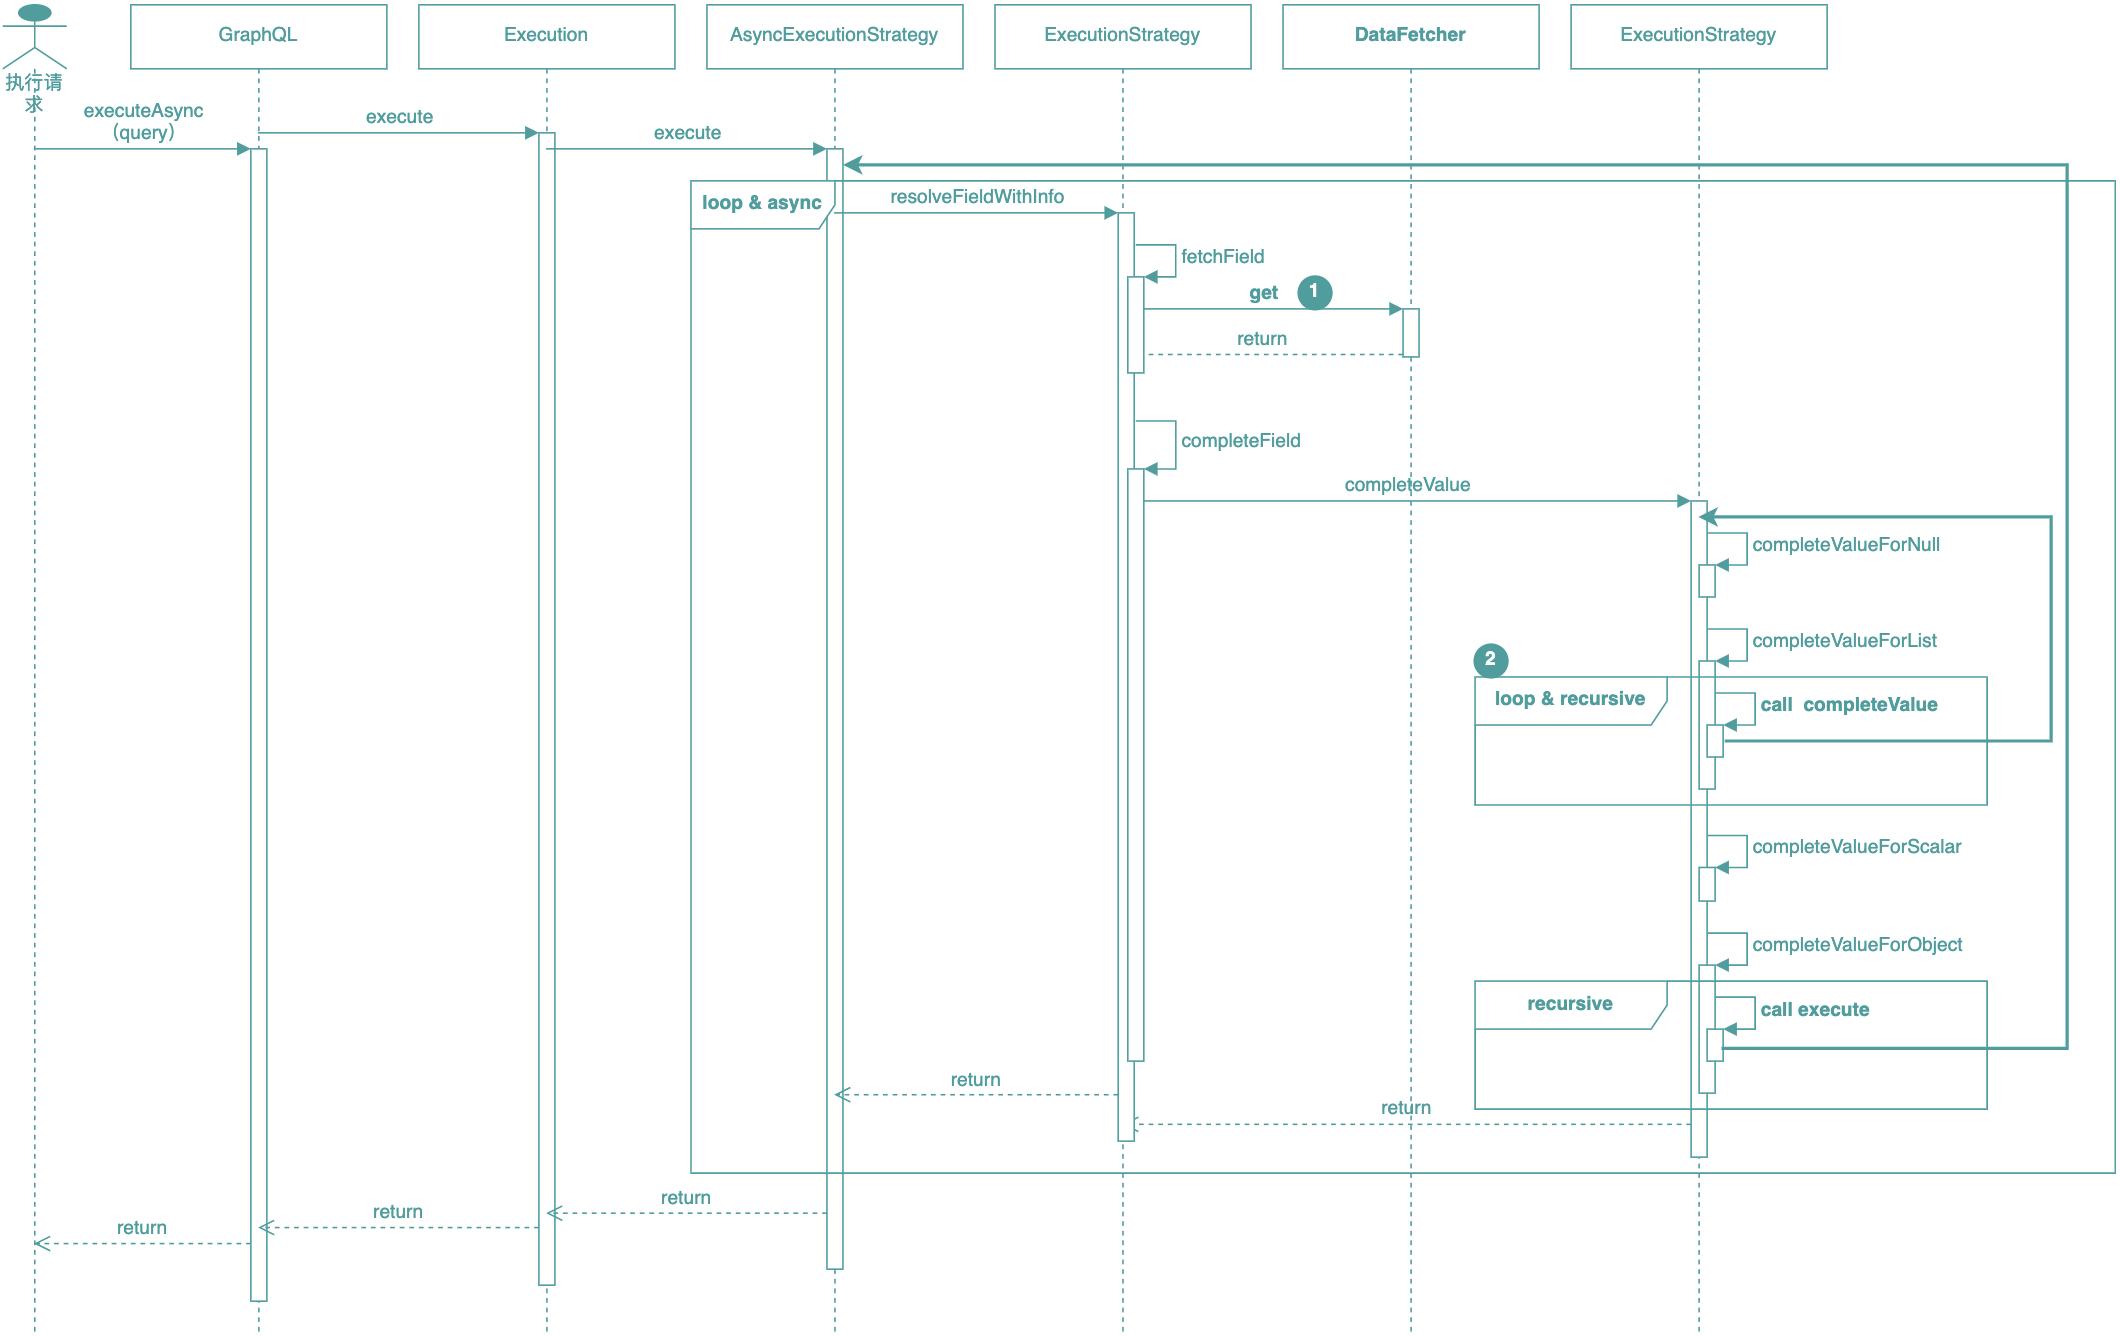 图15 GraphQL执行引擎执行过程